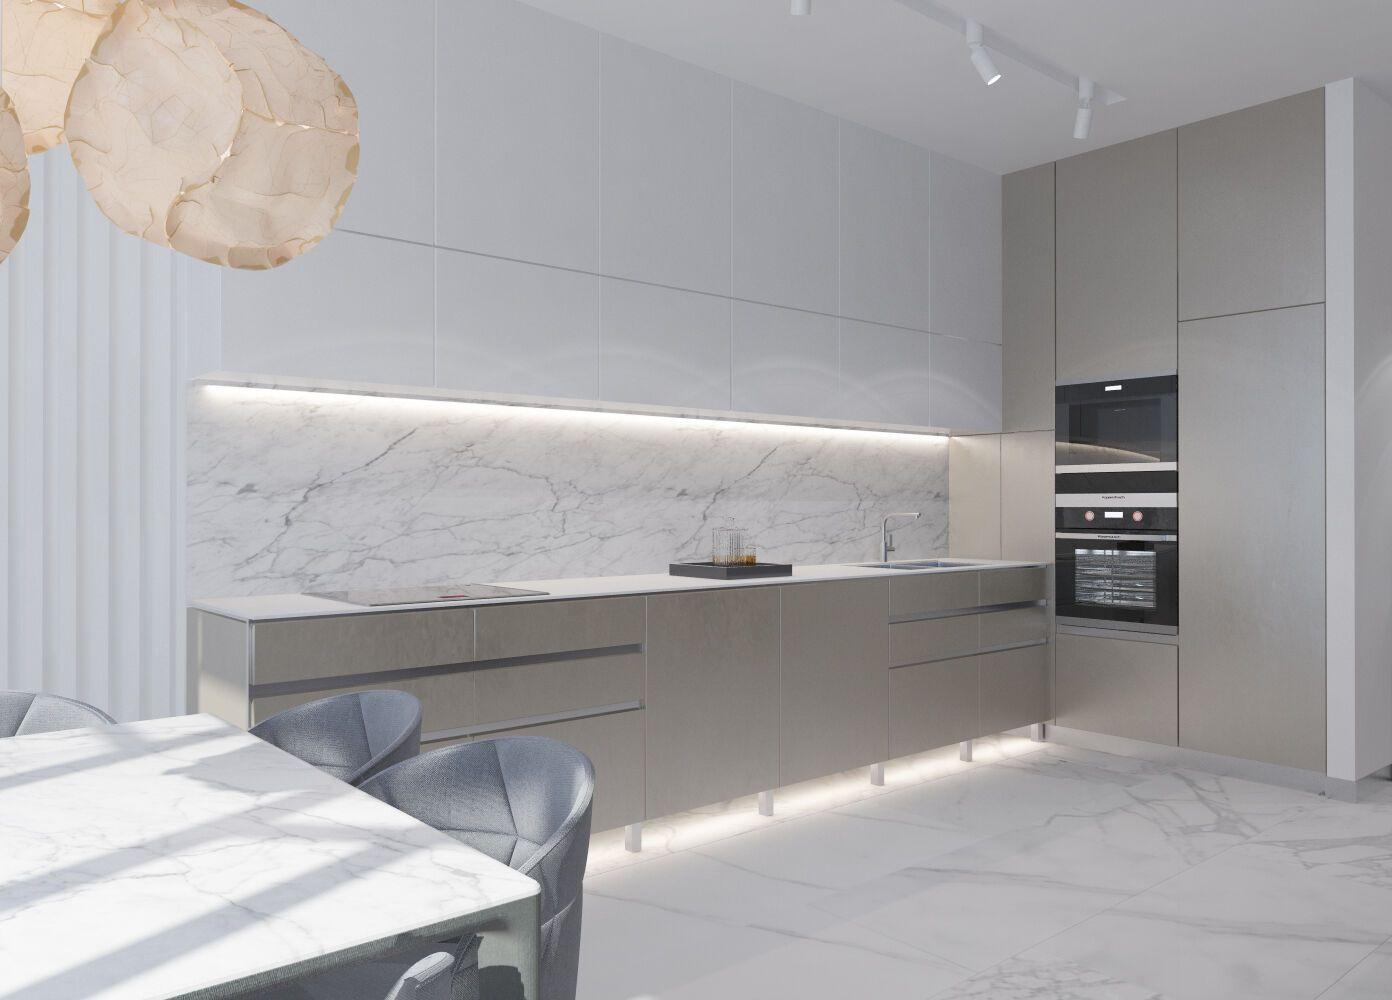 Студия дизайна квартир «Белик» расширяет услугу авторского надзора